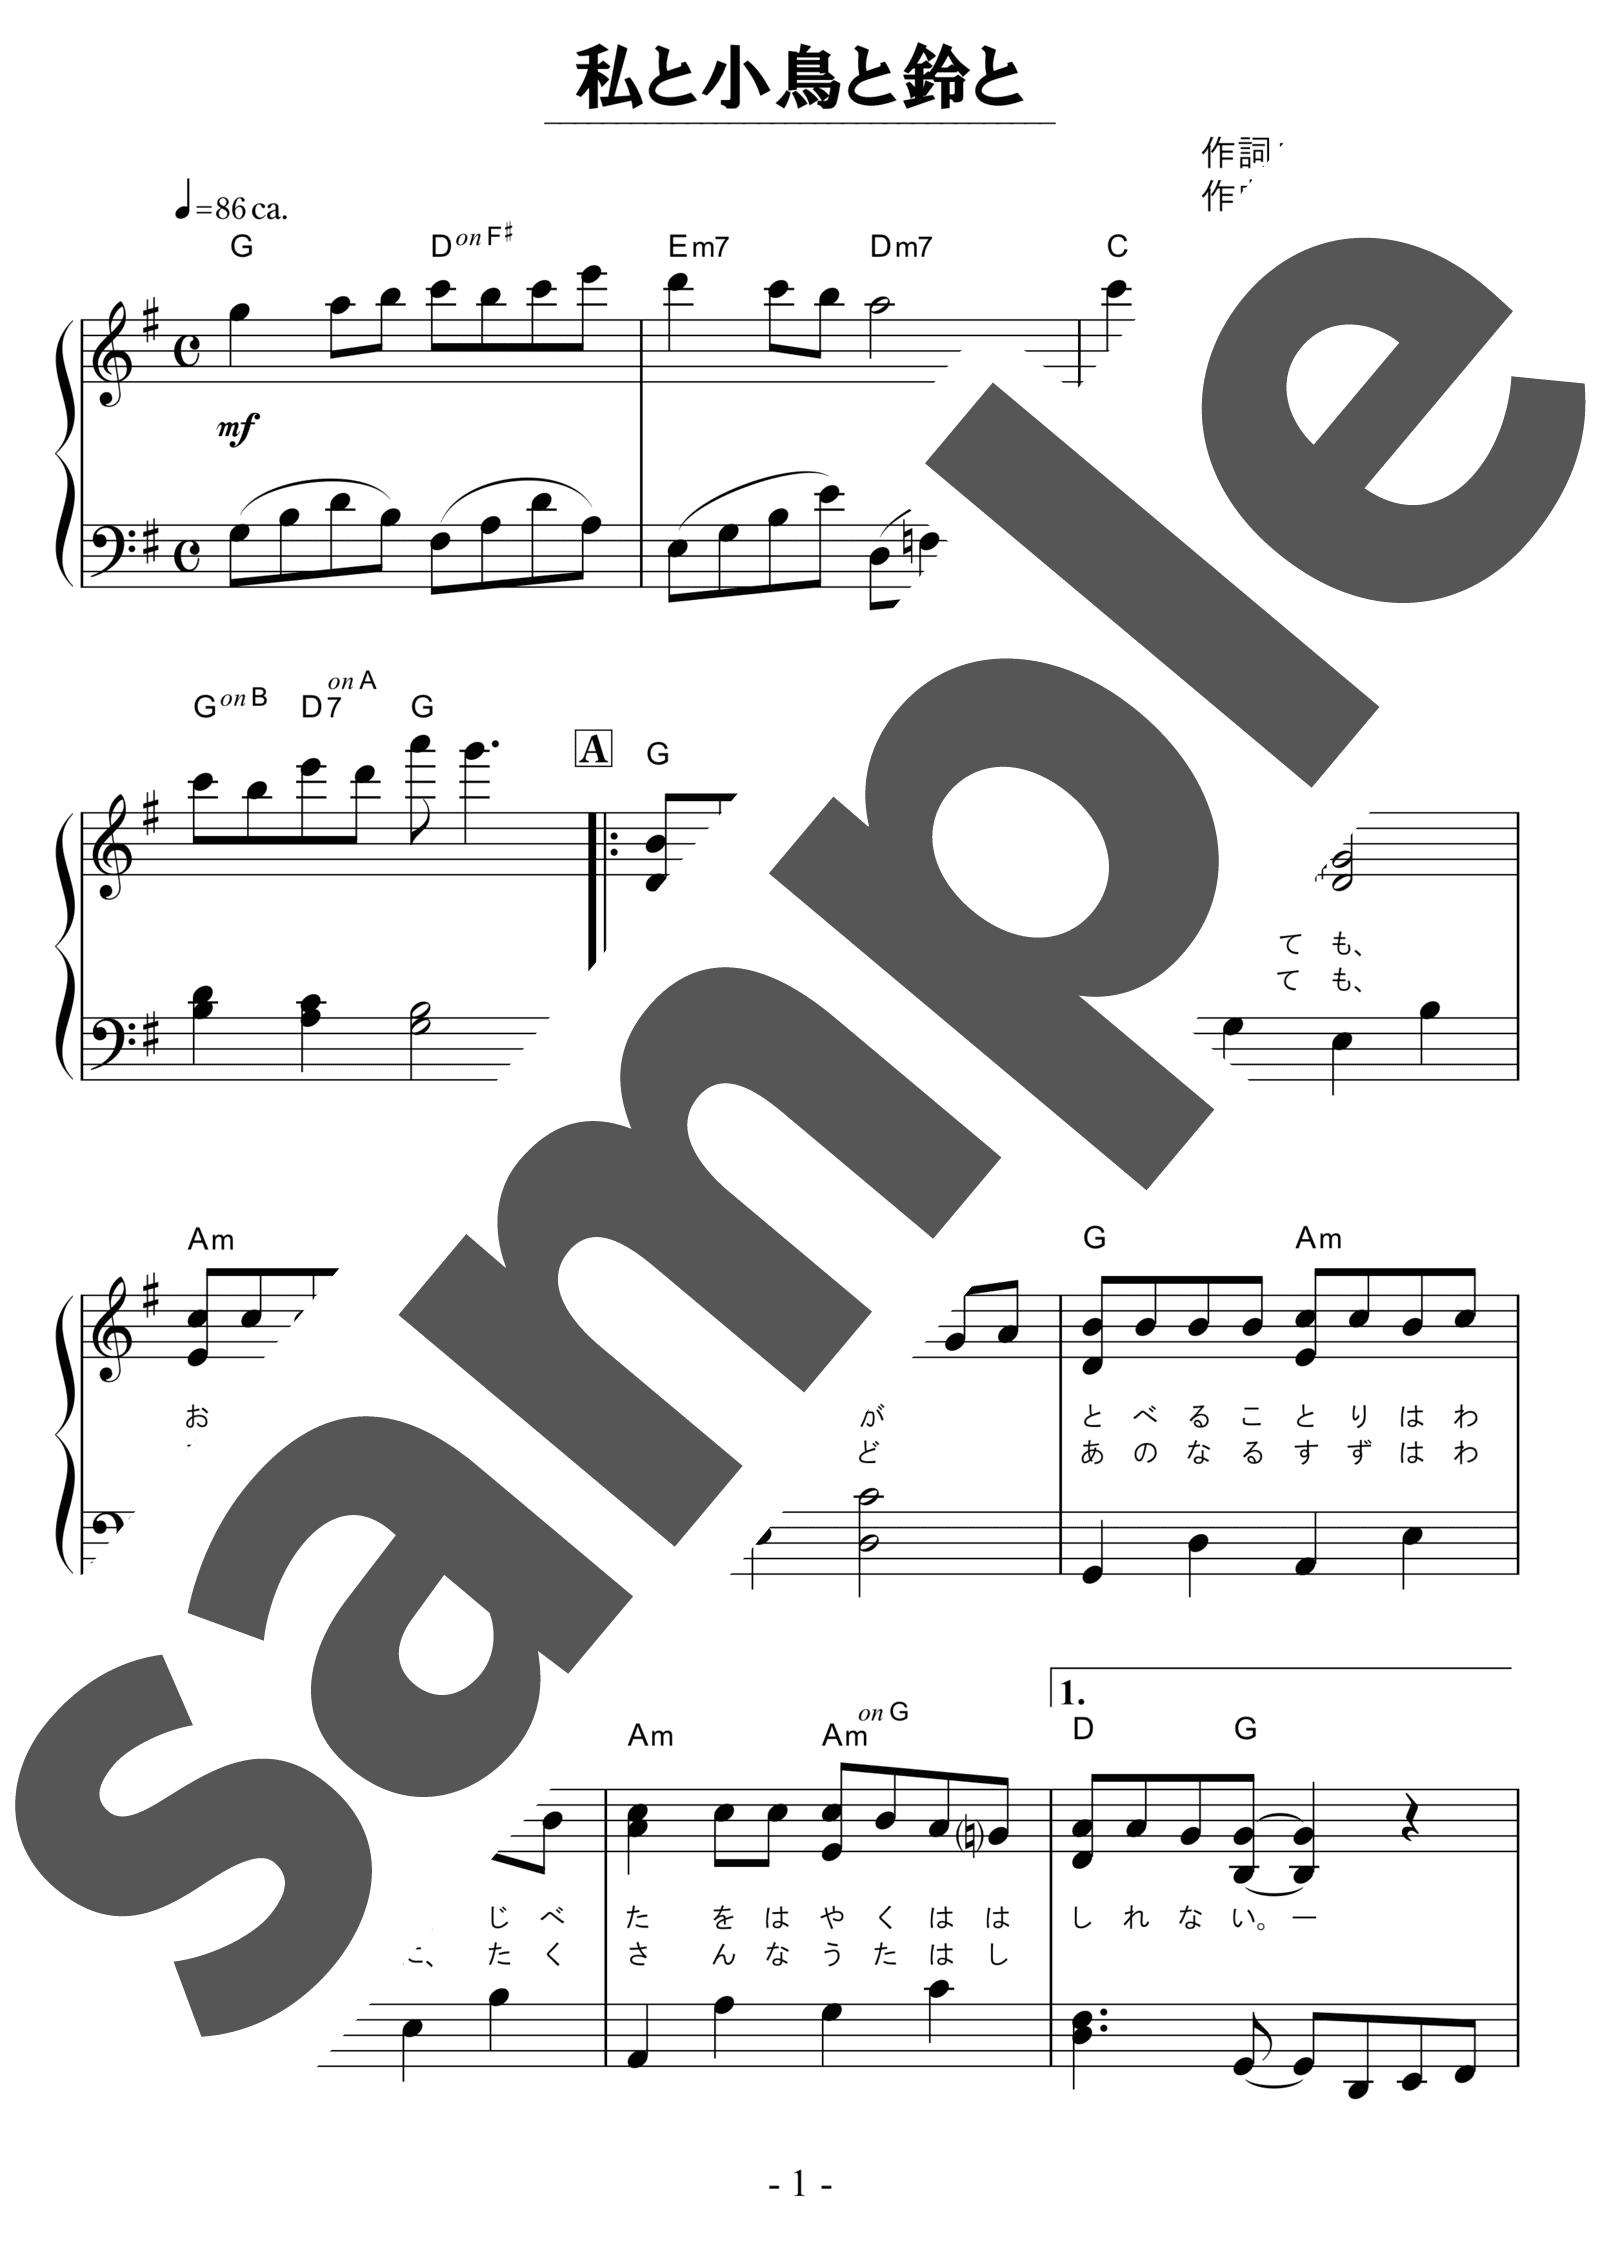 「私と小鳥と鈴と」のサンプル楽譜